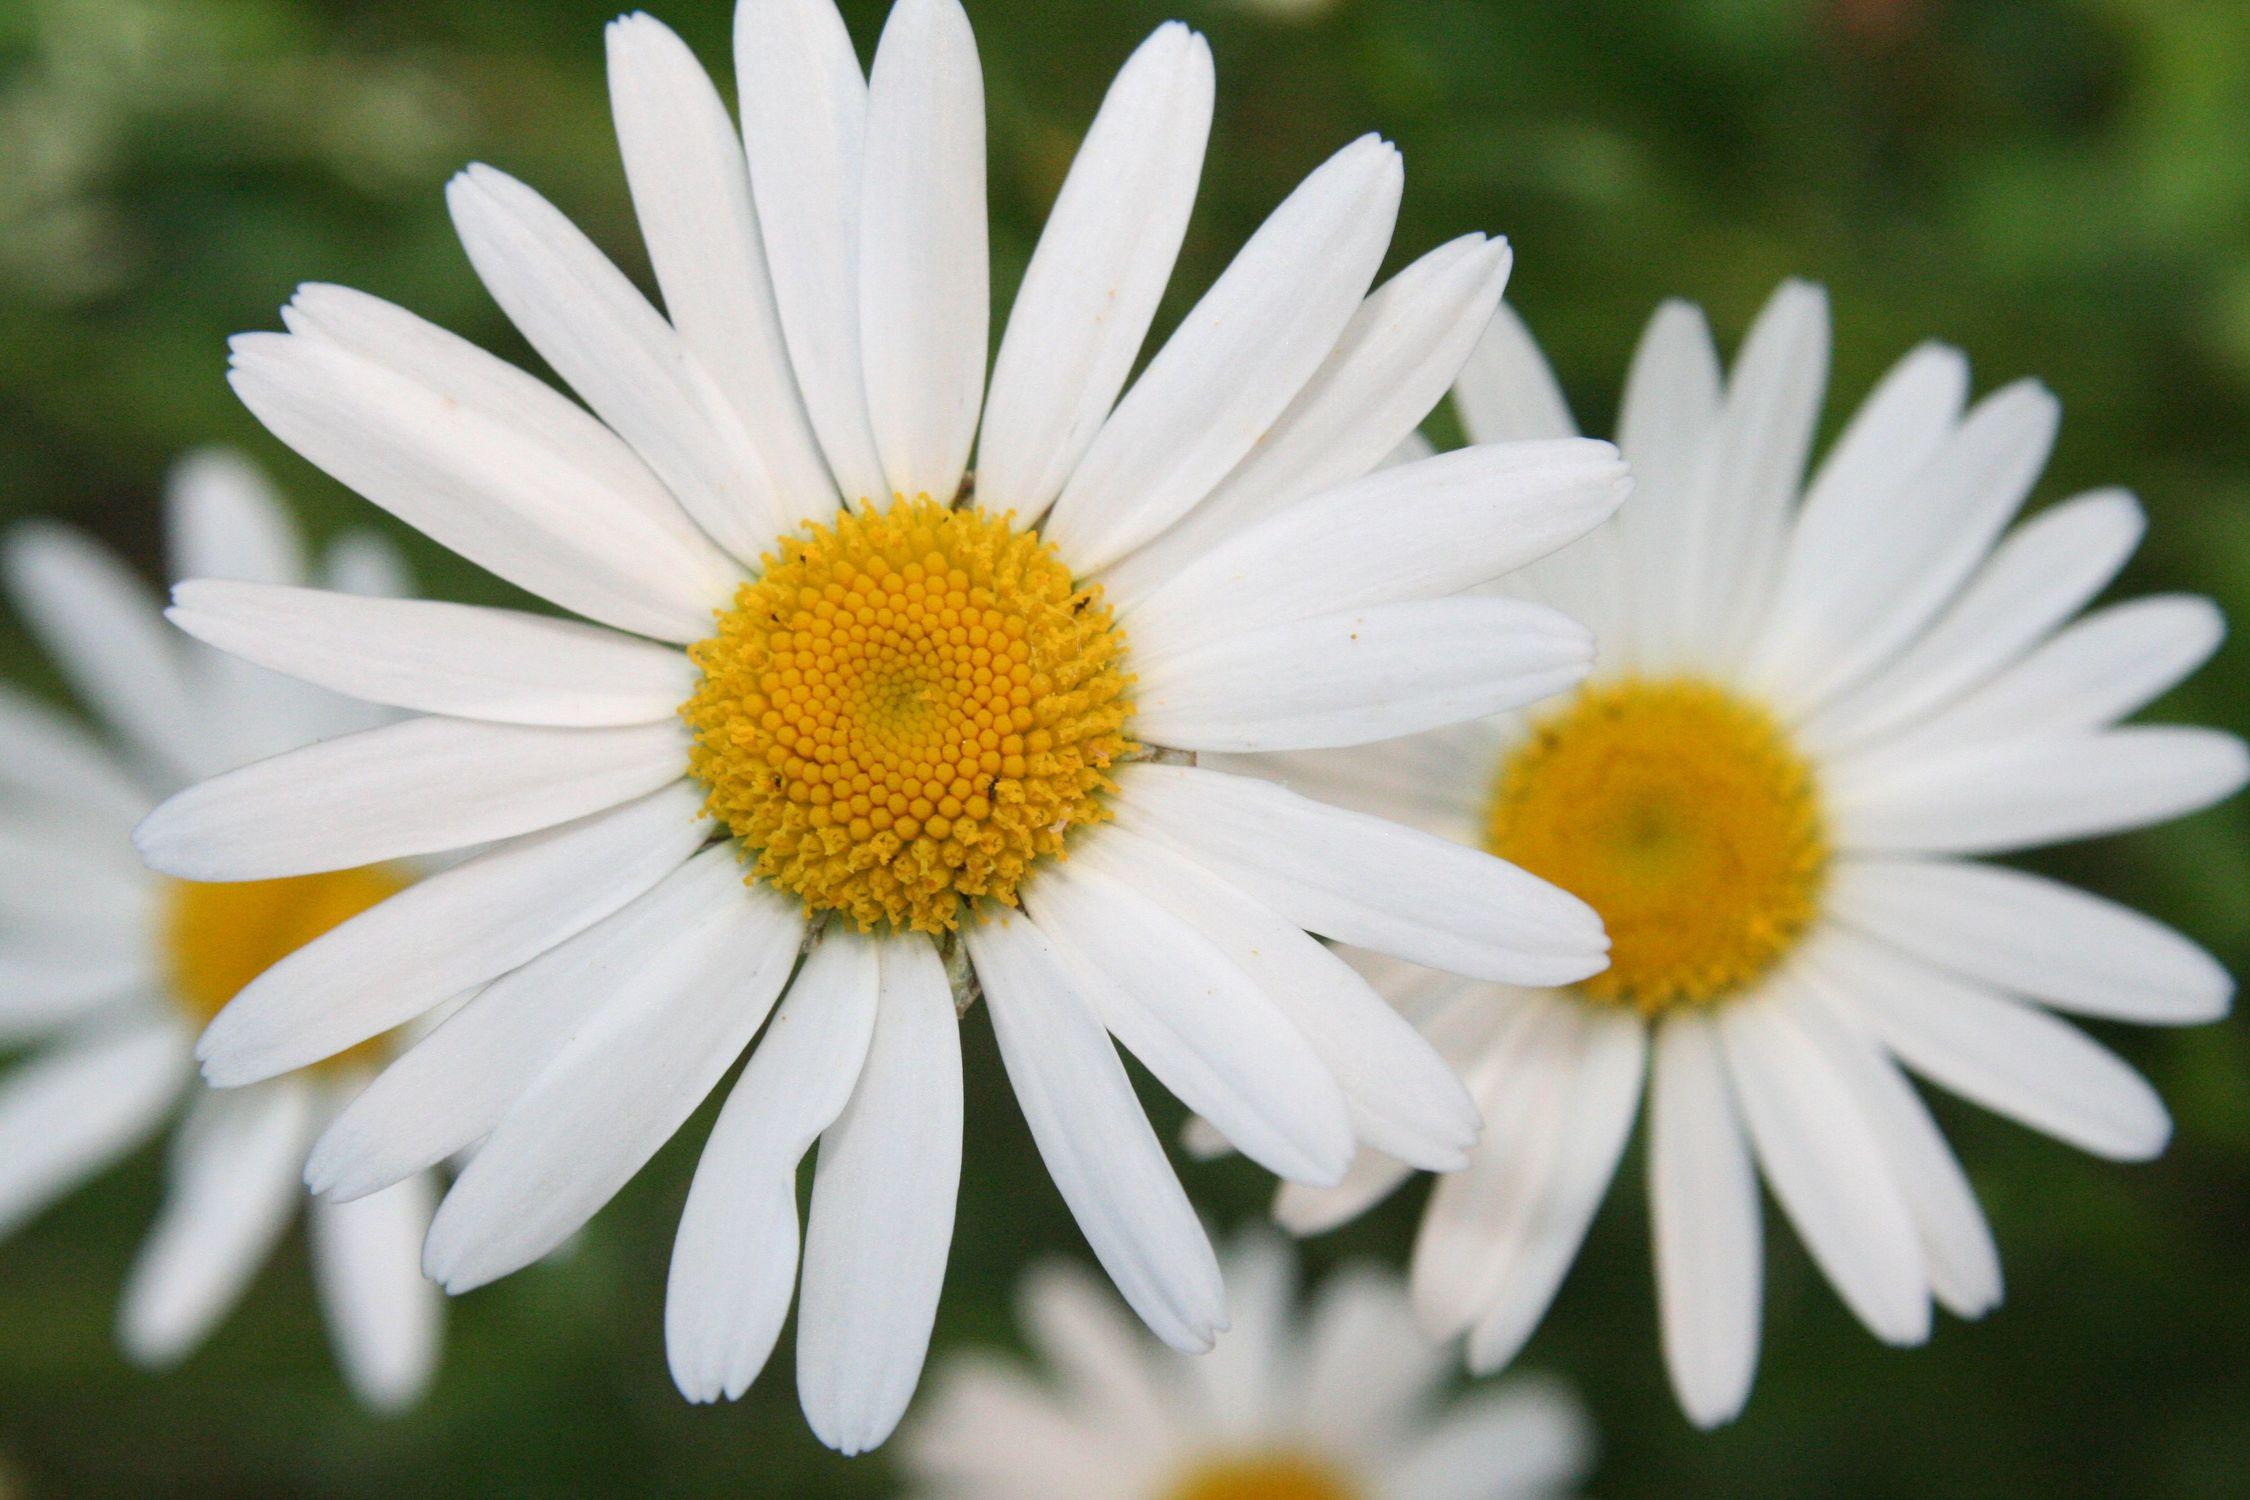 Bild mit Farben, Gelb, Natur, Pflanzen, Jahreszeiten, Blumen, Weiß, Frühling, Korbblütler, Kamillen, Kräuter, Minze, Astern